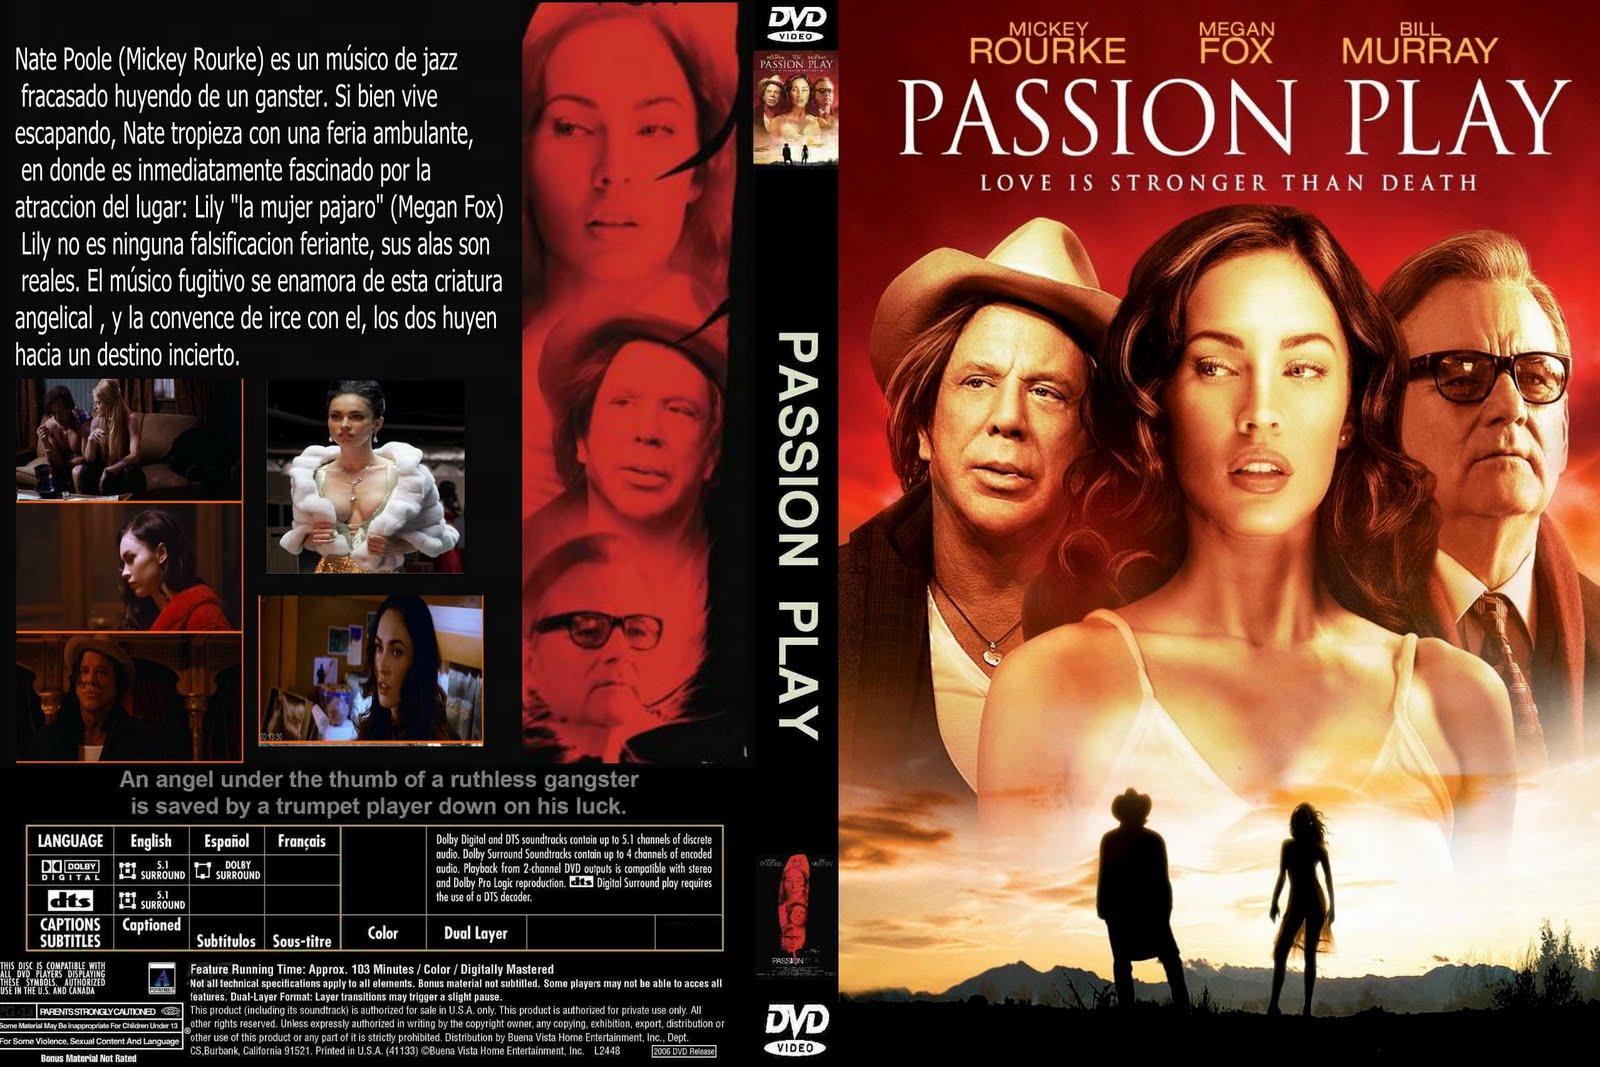 http://3.bp.blogspot.com/-Hdi6rR-0iB8/TiJTV_CTssI/AAAAAAAAALY/zM4j1fnjx90/s1600/Passion_Play_-_Custom_por_leancriva.jpg